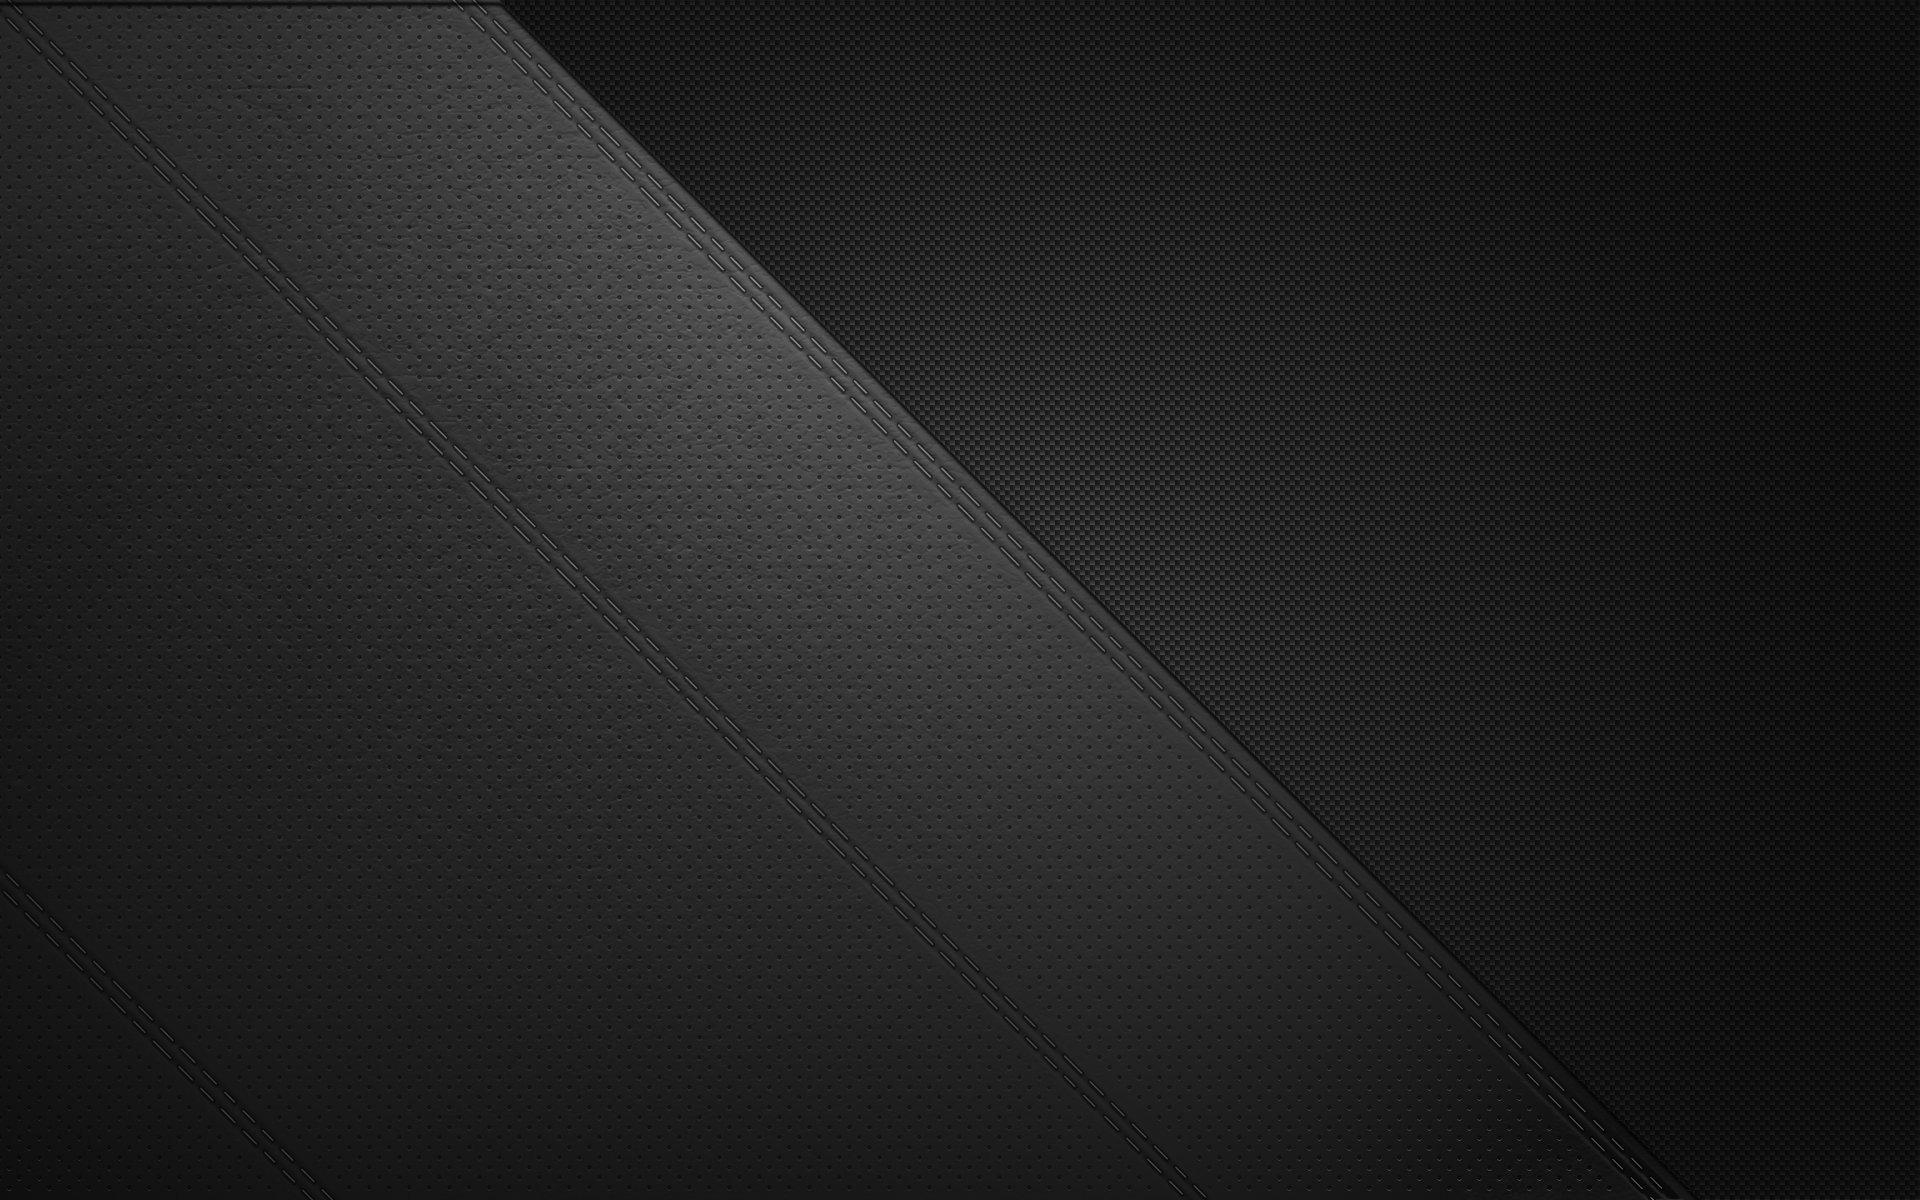 Текстура черная полосы  № 1312640 бесплатно